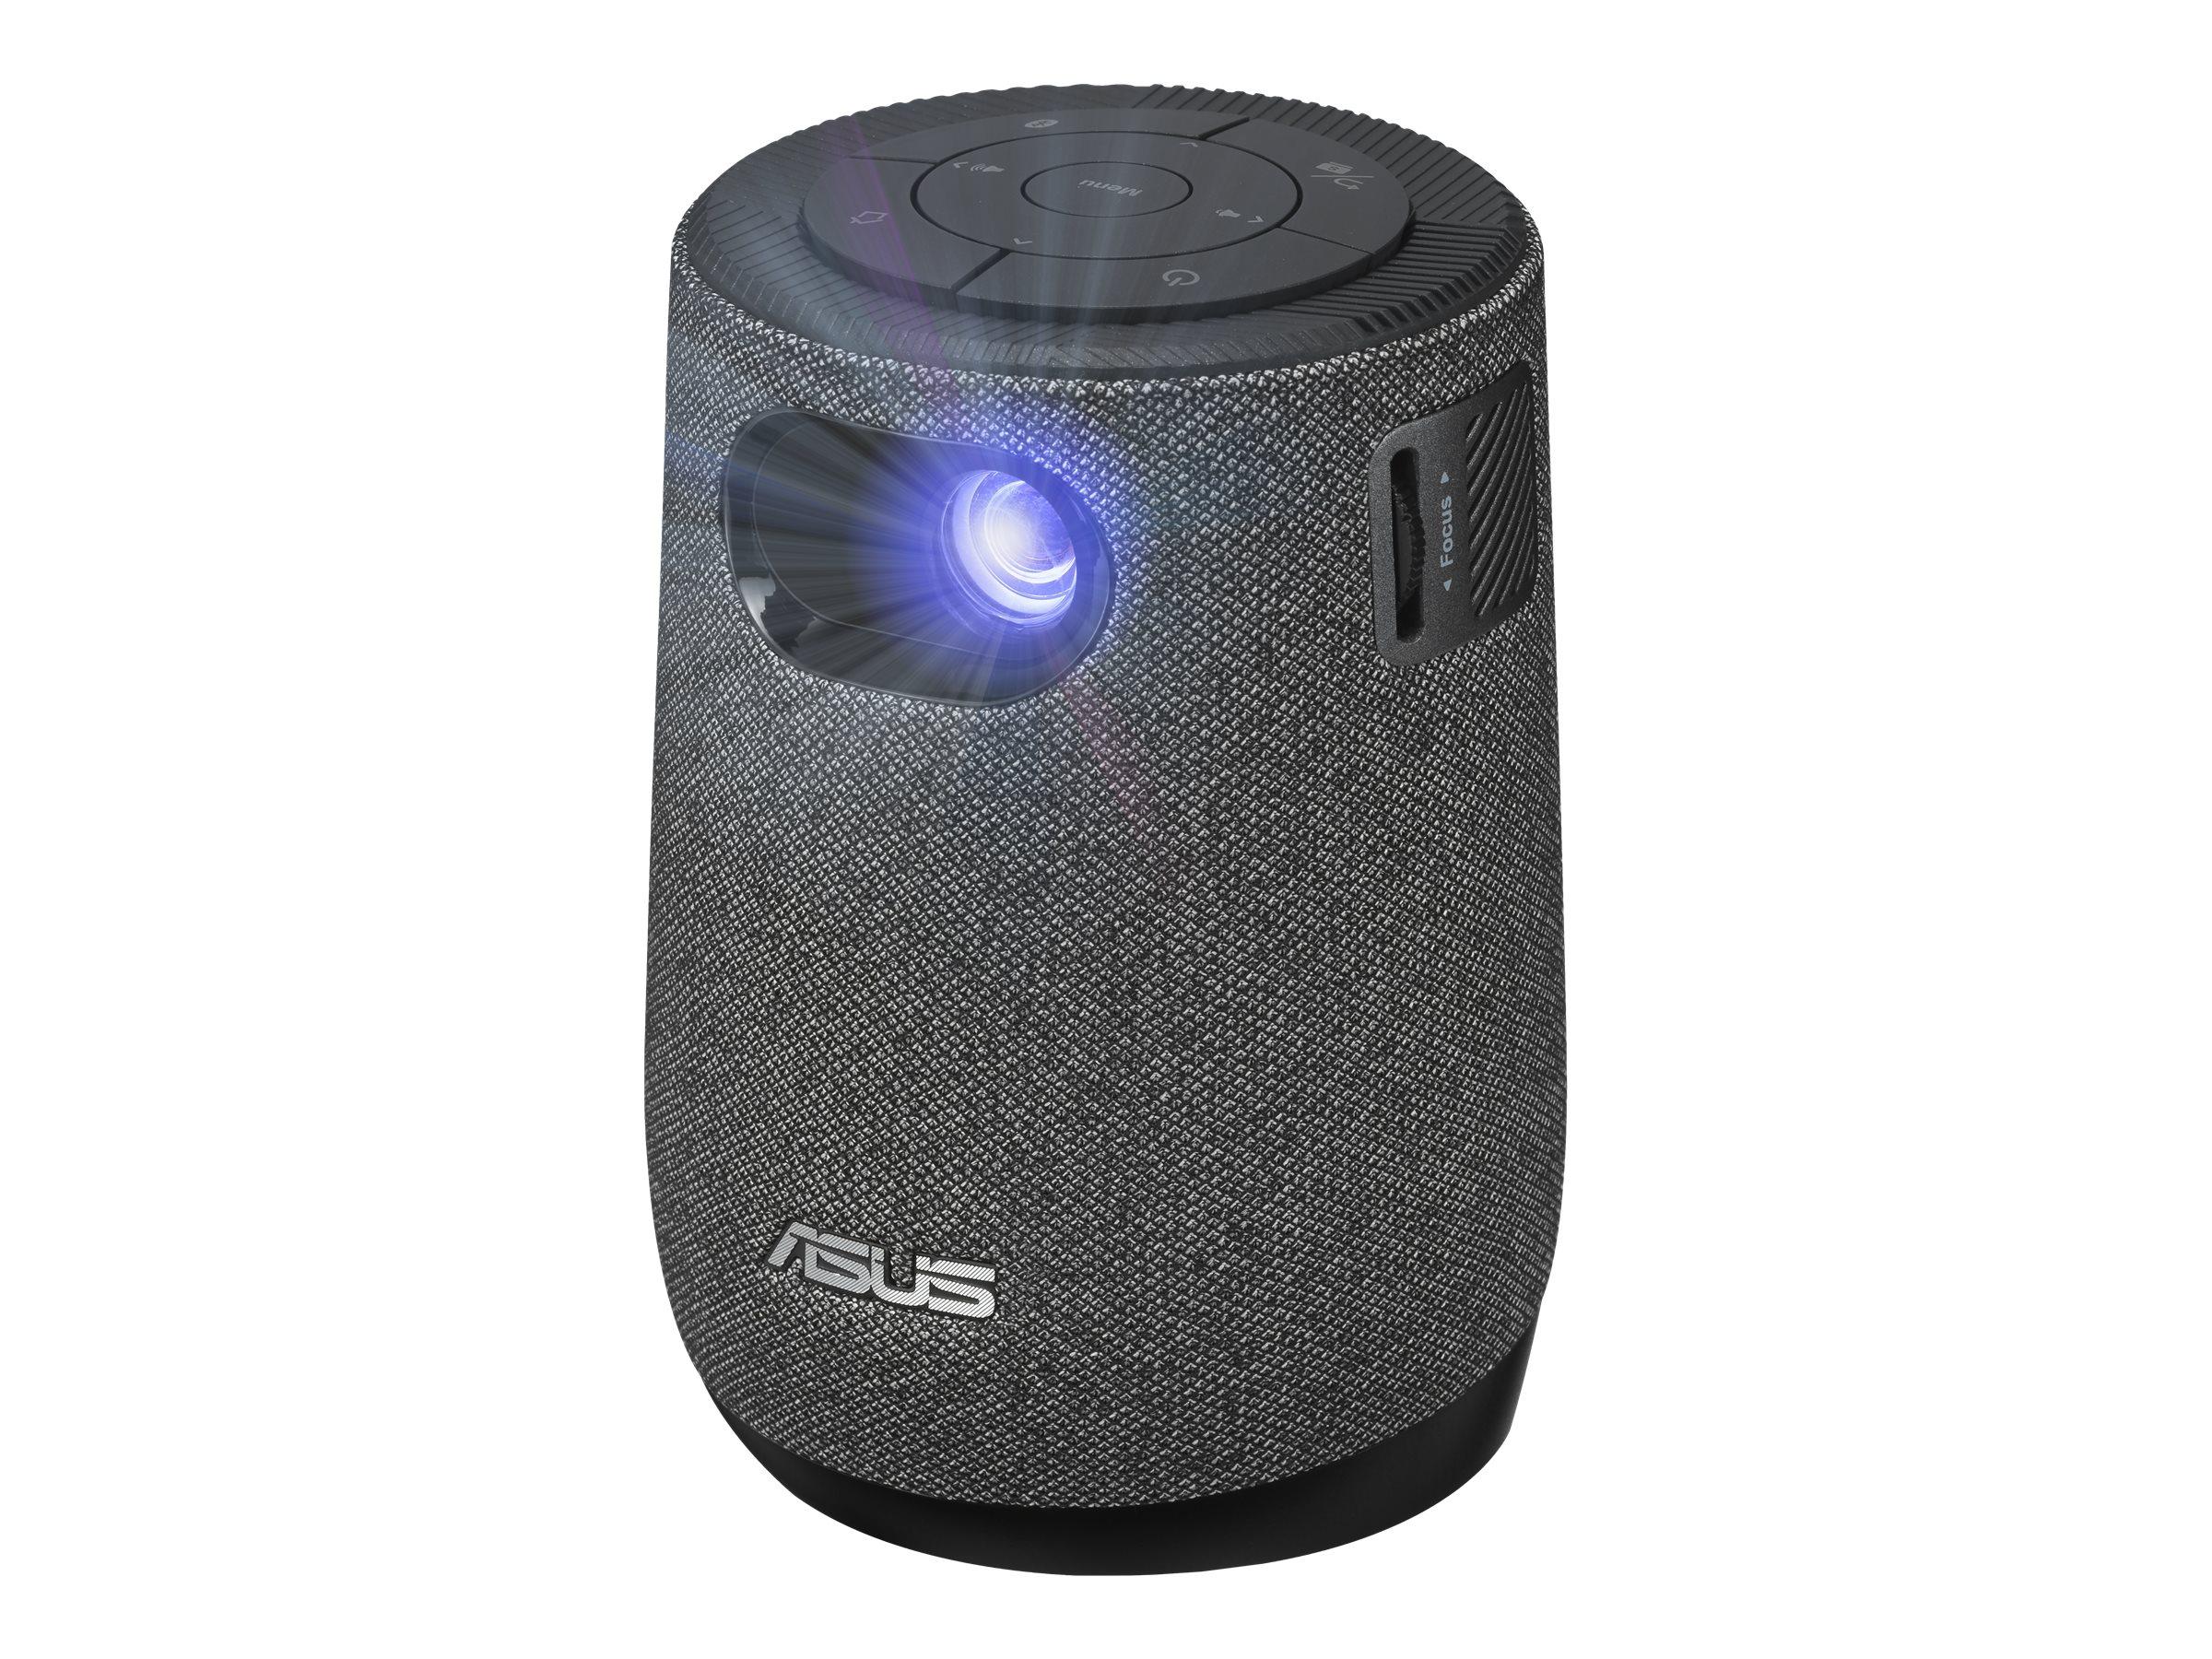 Vorschau: ASUS ZenBeam Latte L1 - DLP-Projektor - LED - 300 lm